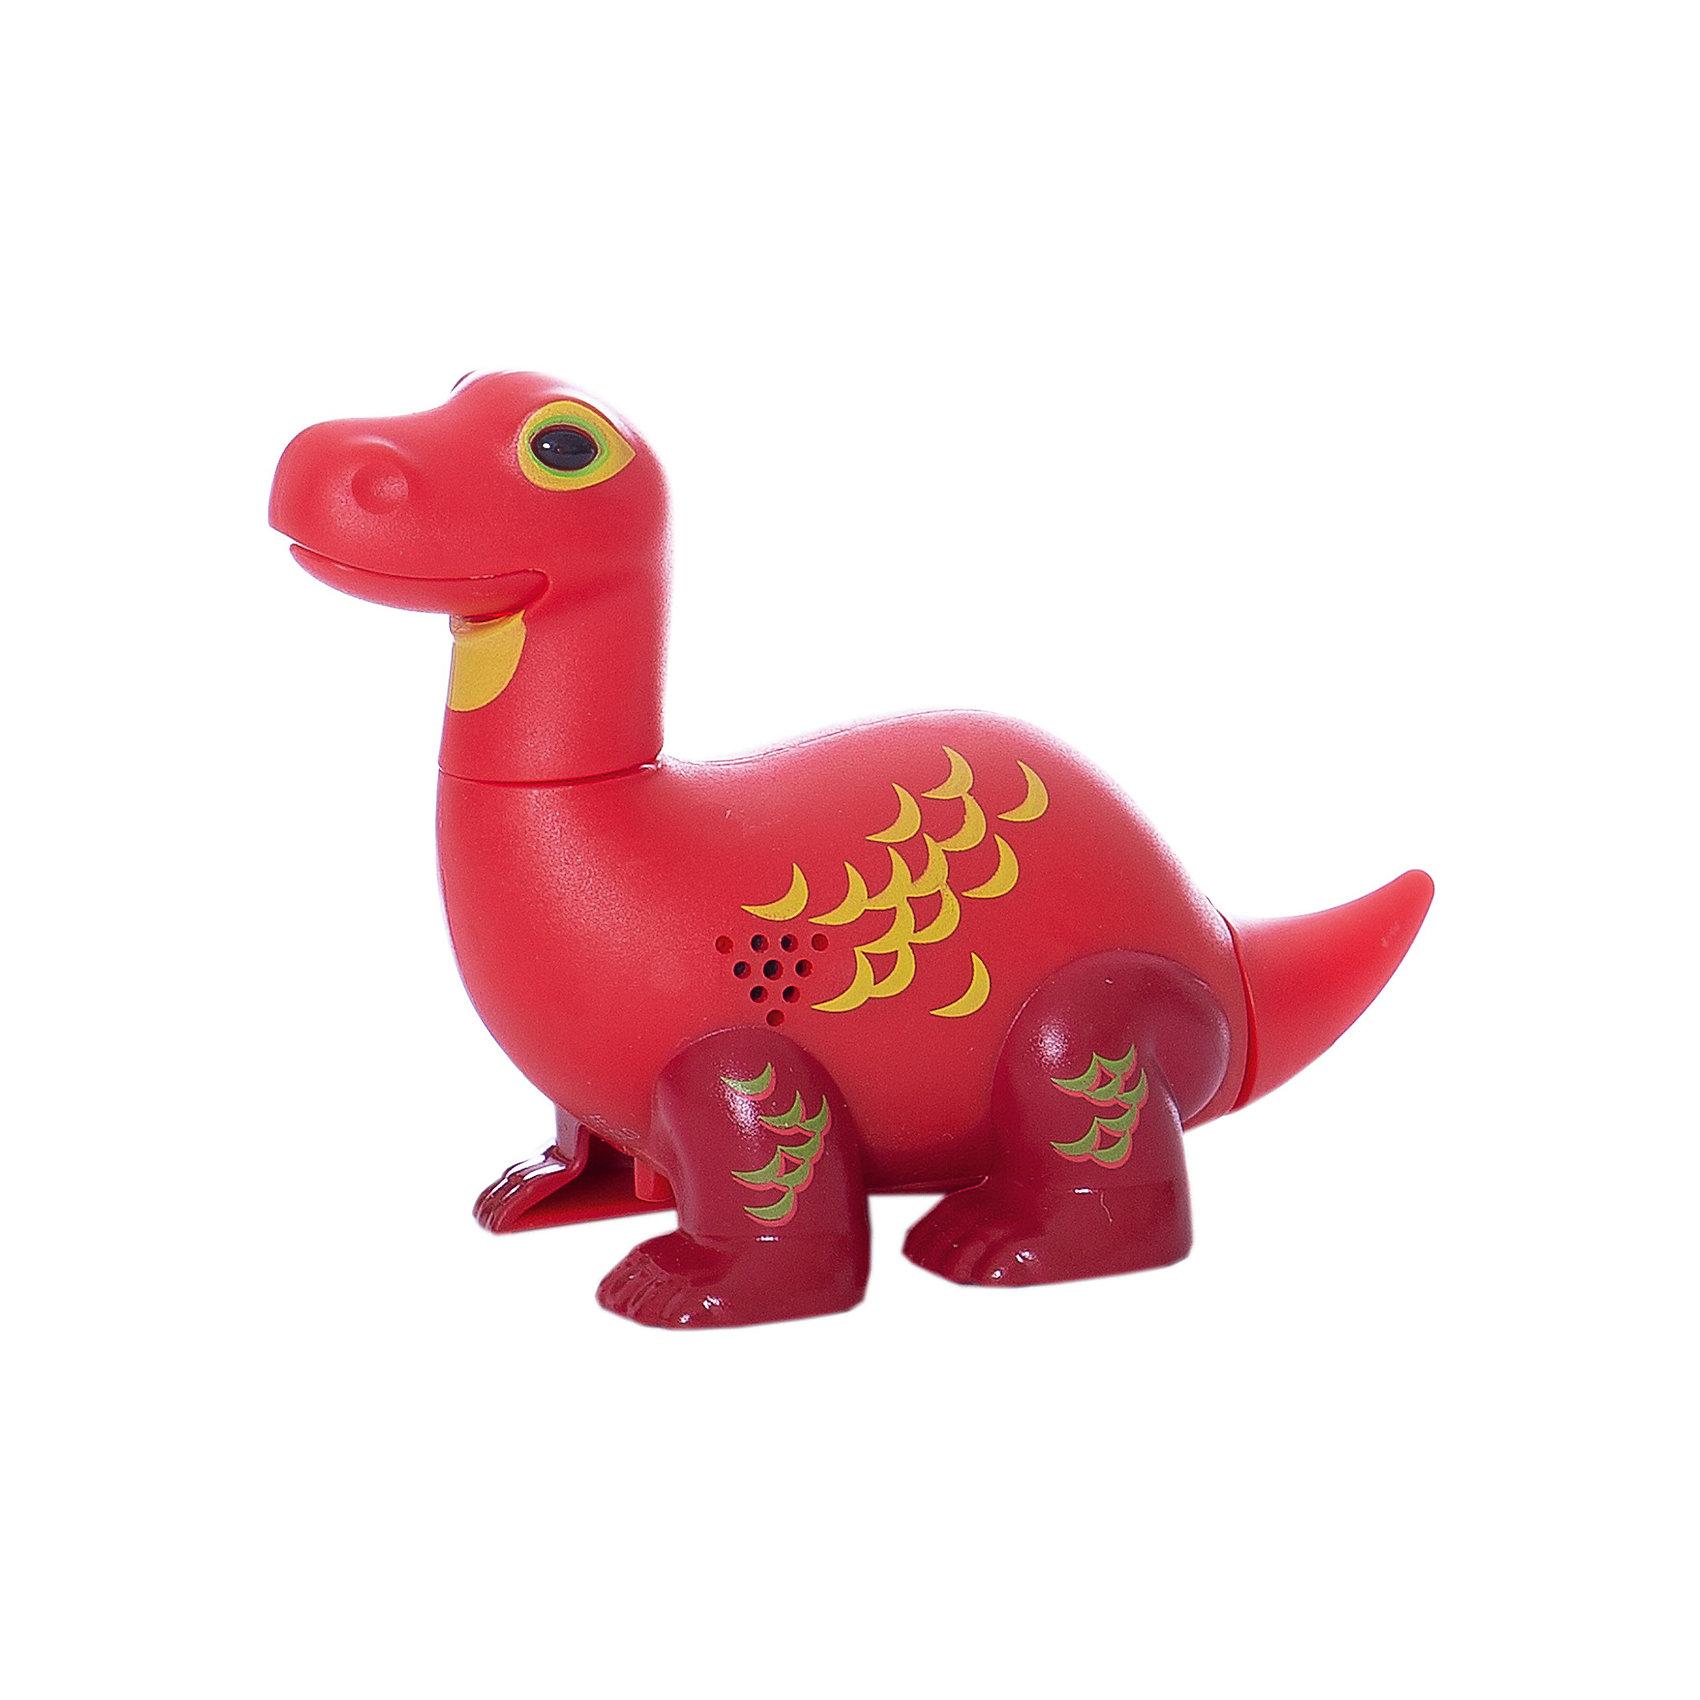 Поющий динозавр Digi Dinos, ApolloИнтерактивные животные<br>Характеристики товара:<br><br>- цвет: красный;<br>- материал: пластик, металл;<br>- батарейки: 3xAG13/LR44, в комплекте;<br>- размер упаковки: 16x10x7 см;<br>- габариты игрушки: 6,5x10x15 см;<br>- умеет петь, рычать, записывать звуки, шевелить головой и хвостом.<br><br>Такая игрушка в виде динозавра поможет ребенку весело проводить время - динозавр умеет петь, рычать, записывать звуки, шевелить головой и хвостом. Это выглядит очень забавно! Игрушка реагирует на звук от специального свистка, который входит в комплект. Также можно приобрести другие игрушки из этой серии - тогда они будут петь хором!<br>Динозавр способен помогать всестороннему развитию ребенка: развивать тактильное восприятие, мелкую моторику, воображение, внимание и логику. Изделие произведено из качественных материалов, безопасных для ребенка. Набор станет отличным подарком детям!<br><br>Игрушку Динозавр от бренда Silverlit можно купить в нашем интернет-магазине.<br><br>Ширина мм: 115<br>Глубина мм: 150<br>Высота мм: 62<br>Вес г: 128<br>Возраст от месяцев: 36<br>Возраст до месяцев: 2147483647<br>Пол: Унисекс<br>Возраст: Детский<br>SKU: 5156846